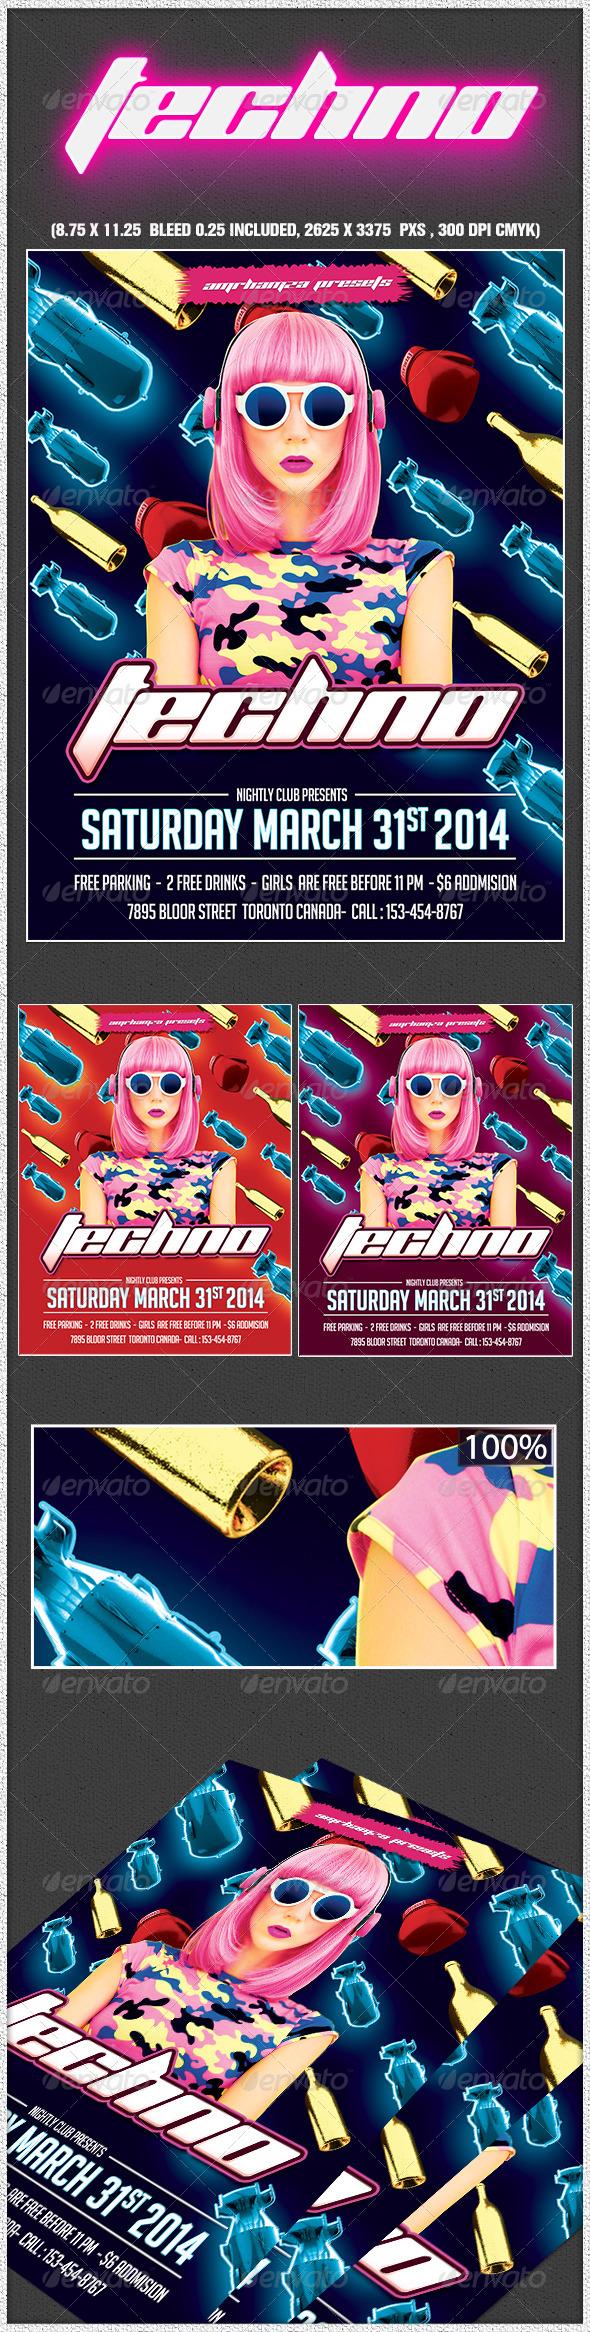 GraphicRiver Techno Music Flyer 6826265